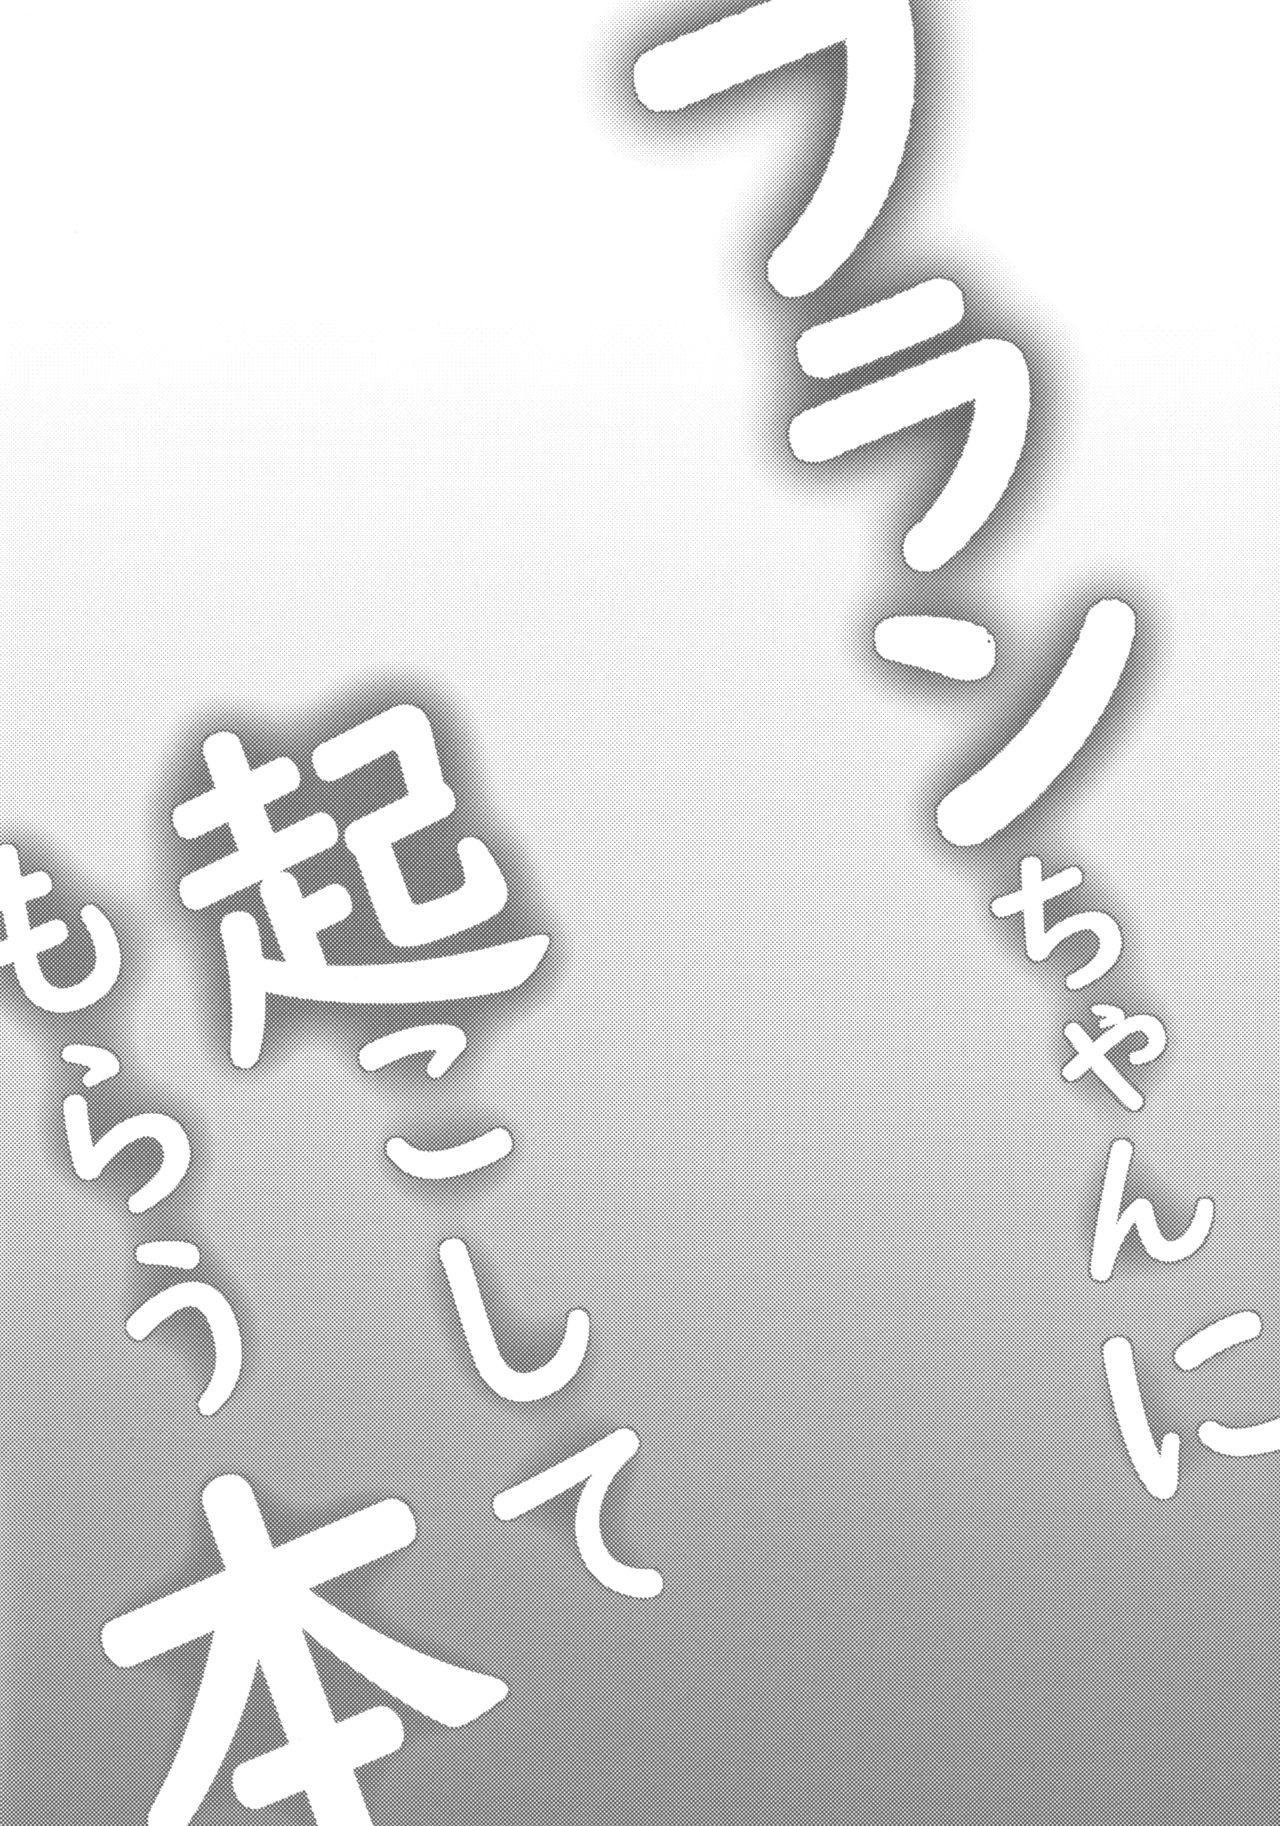 Flan-chan ni Okoshite morau Hon 2